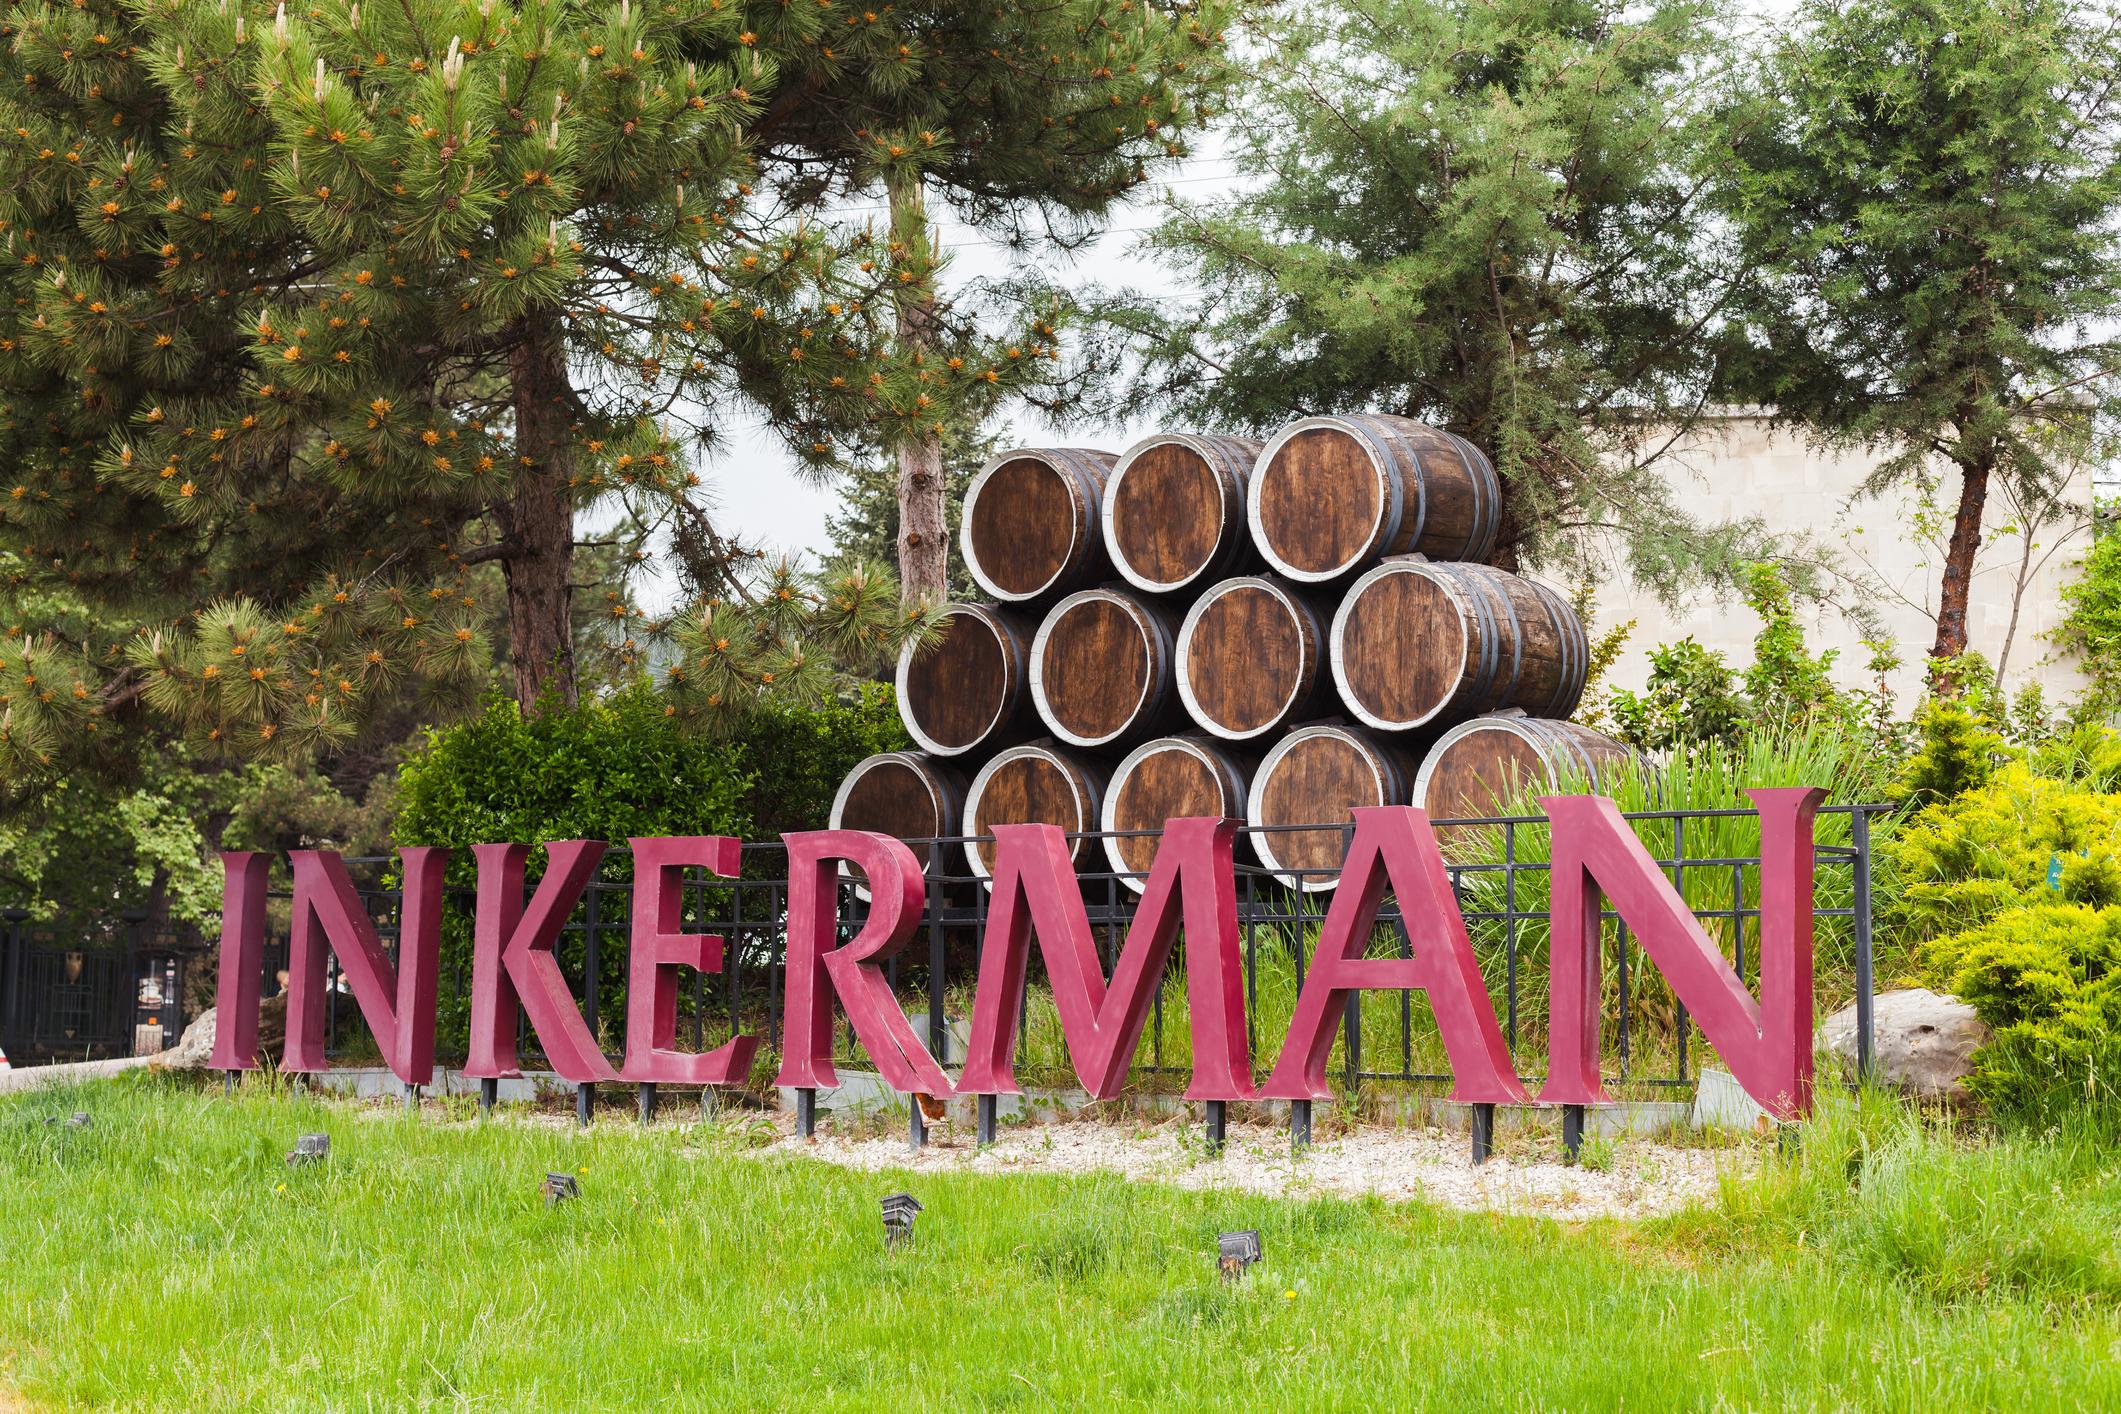 Outside of Inkerman Winery